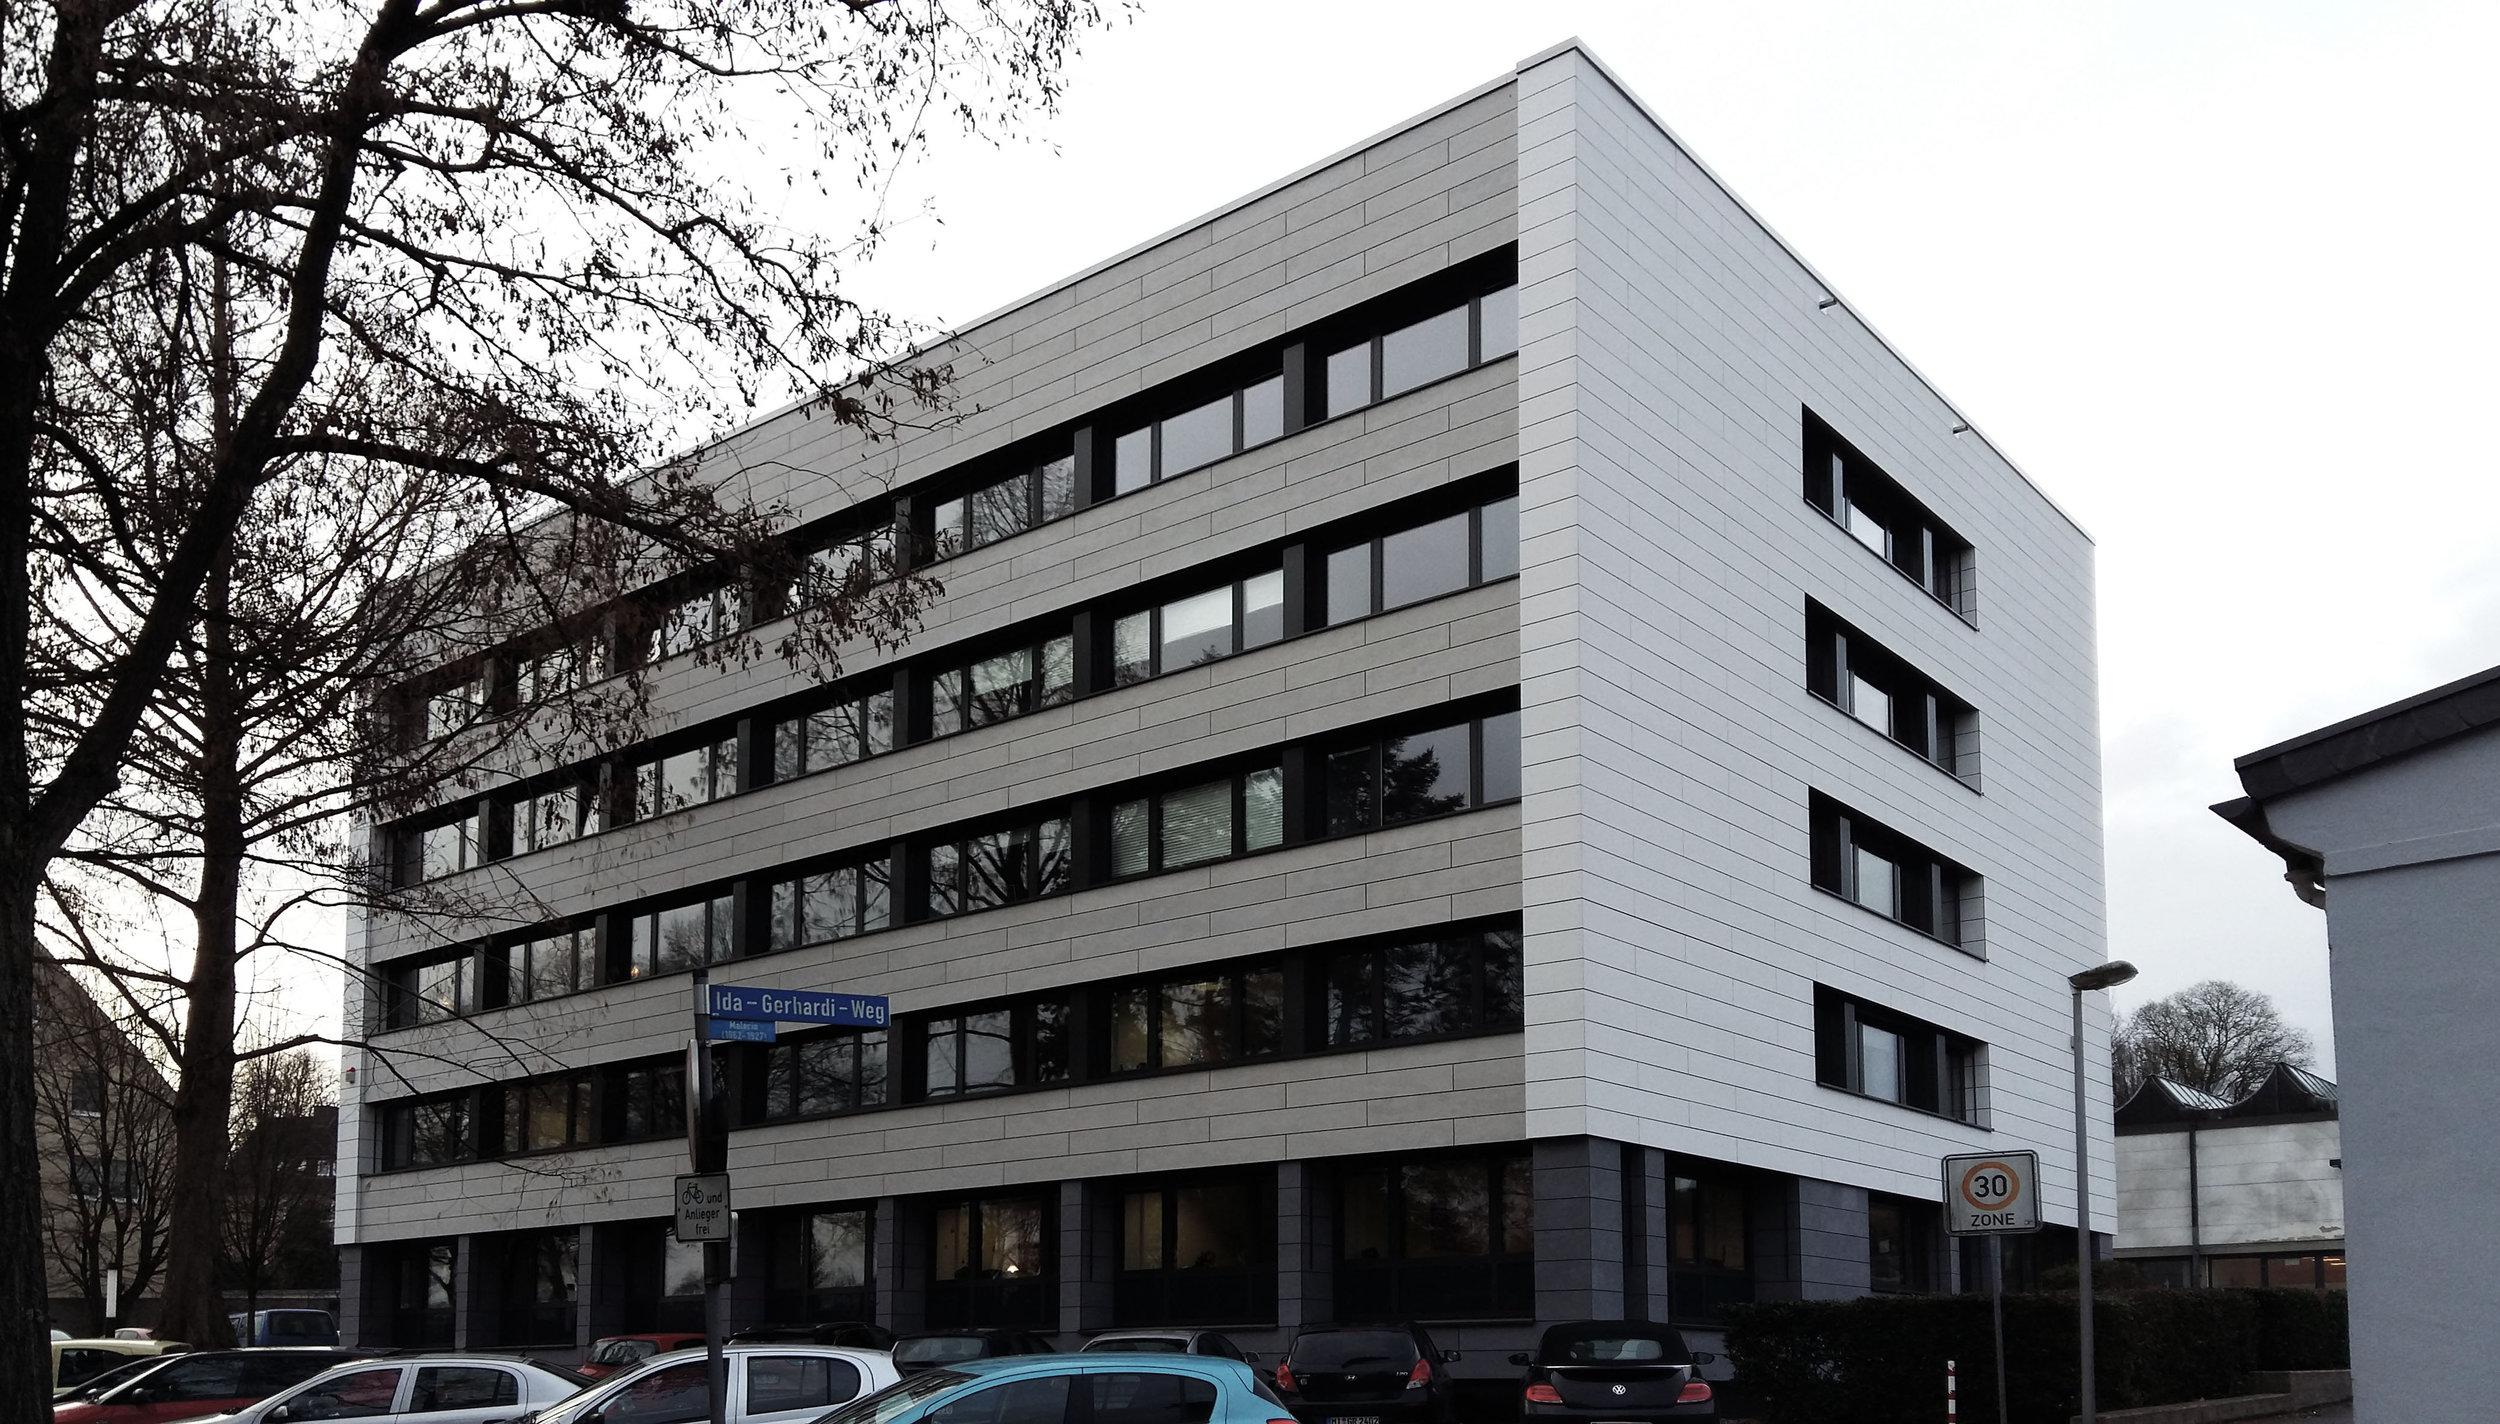 Fertigstellung - Der umfassenden Fassaden-Sanierung eines Verwaltungsbaus in DetmoldNovember 2018